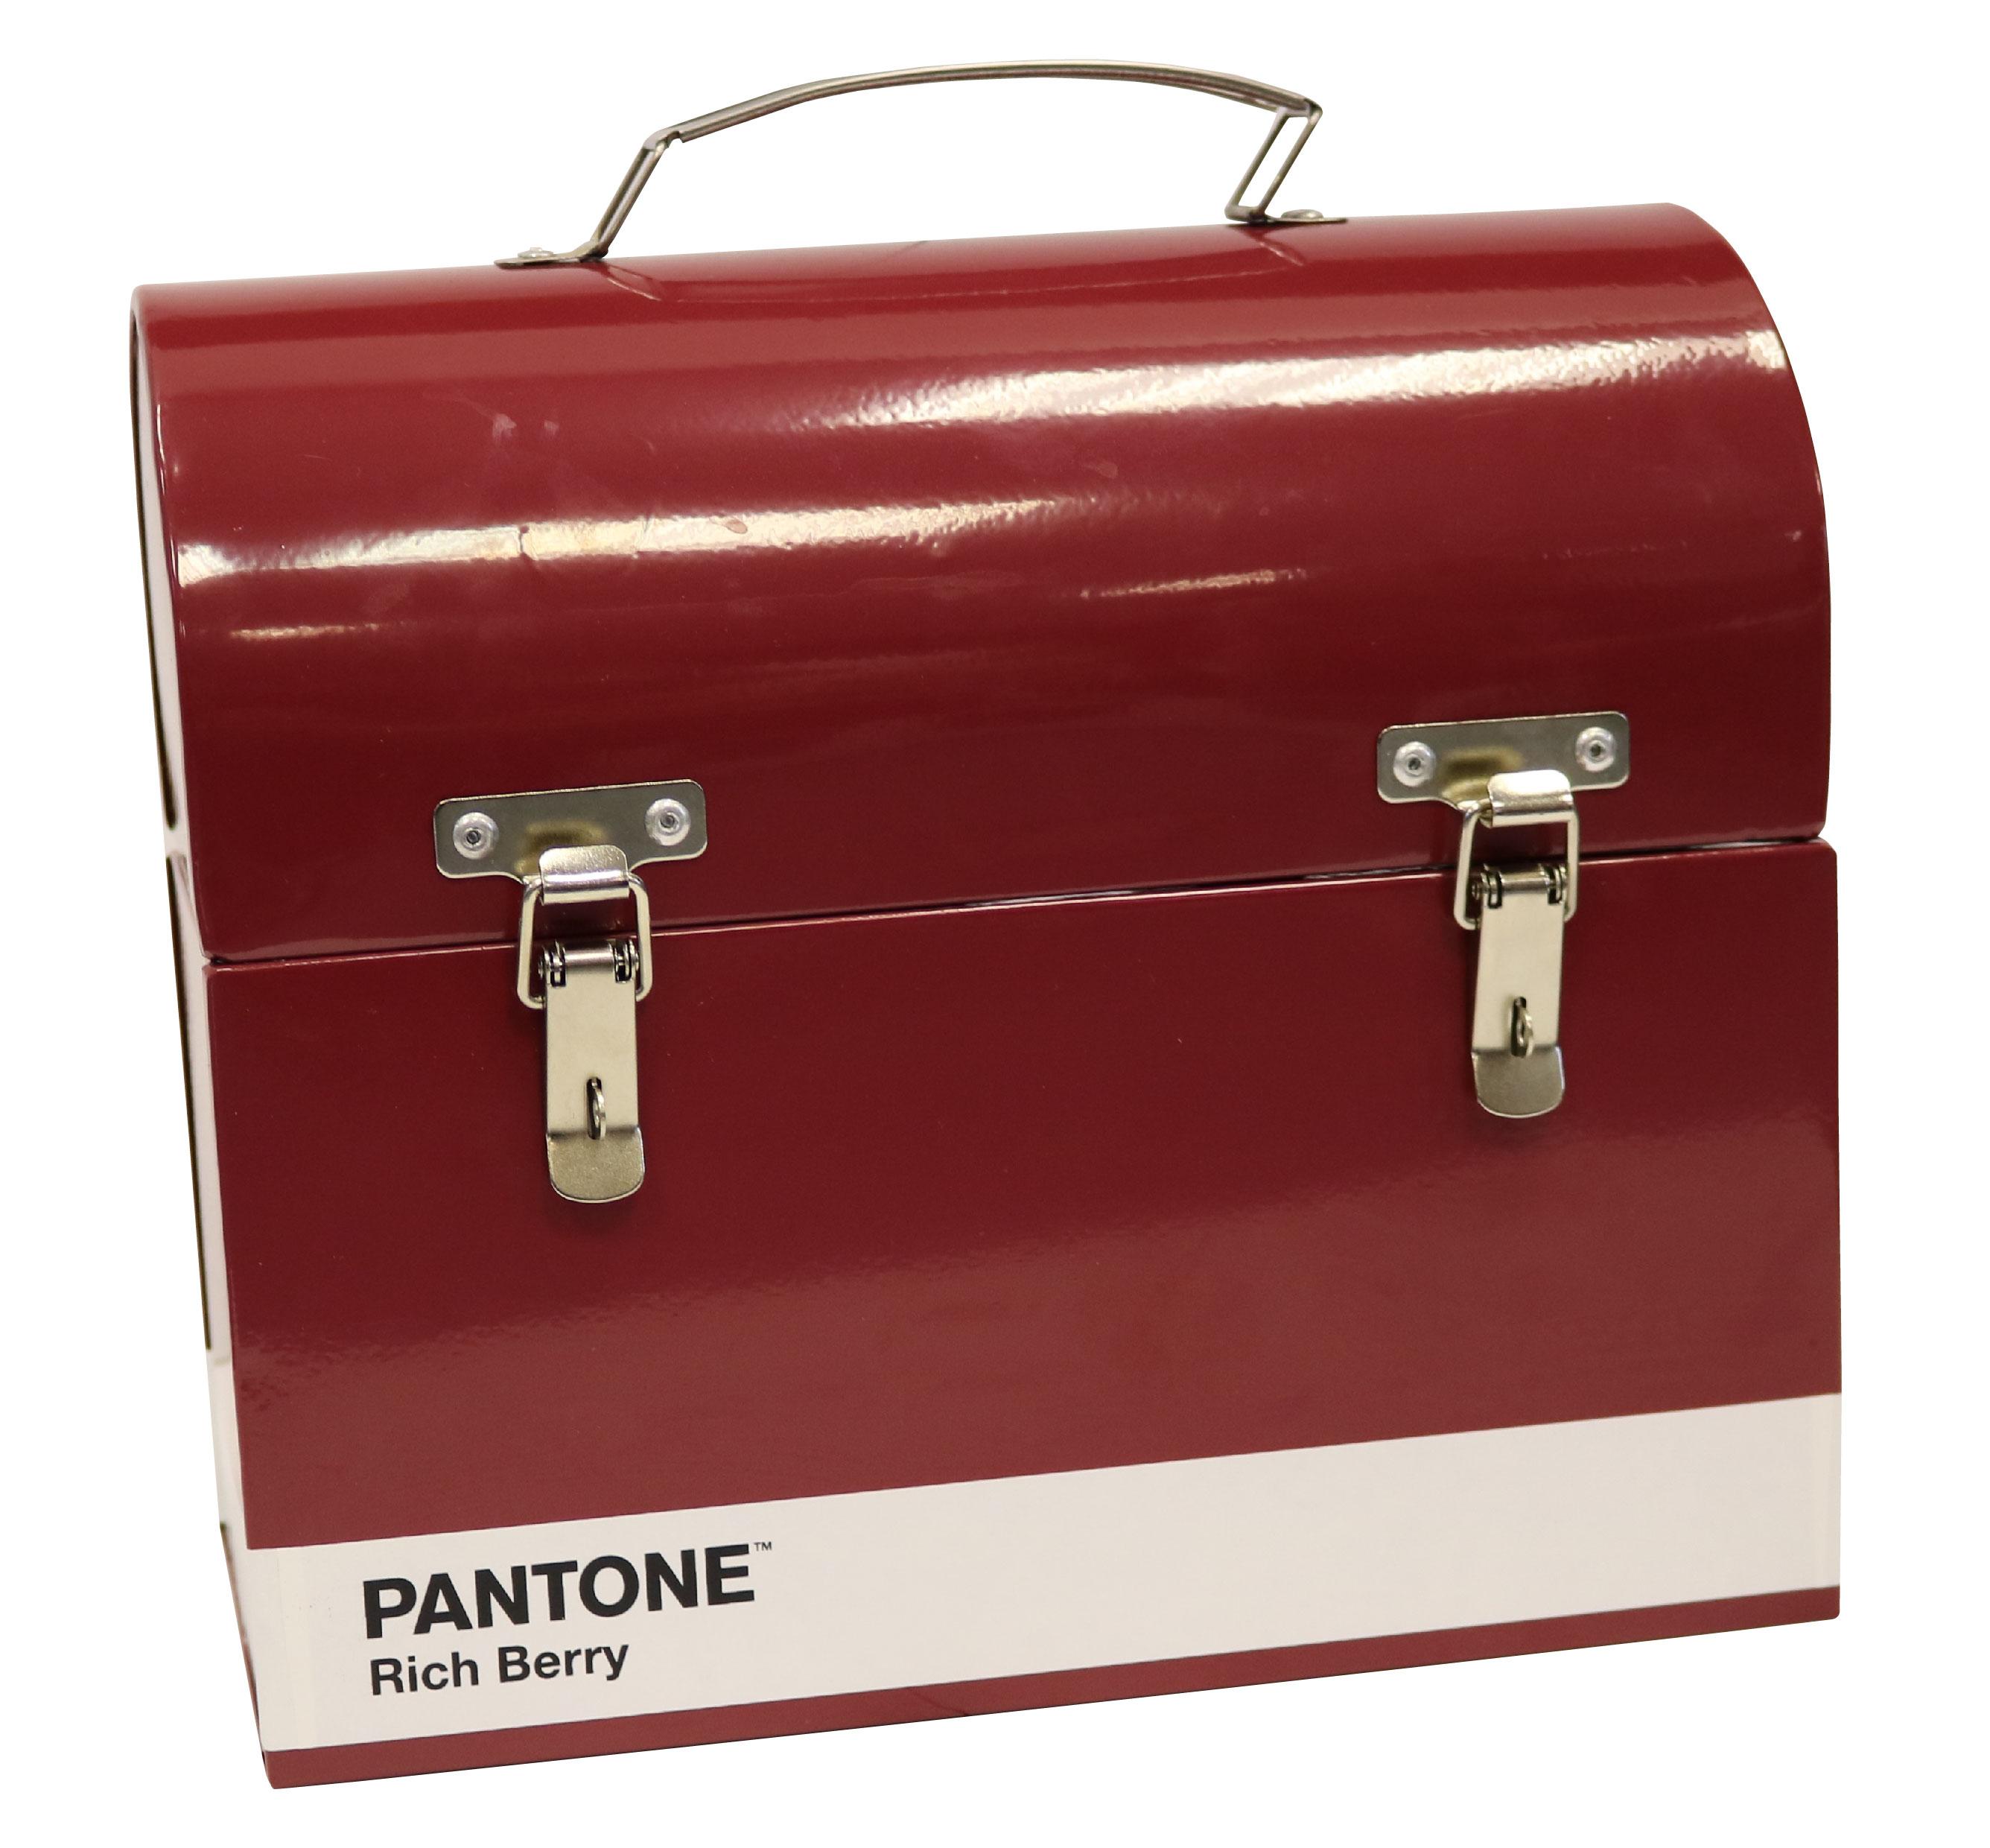 pantone_berry_allotmentbox-01